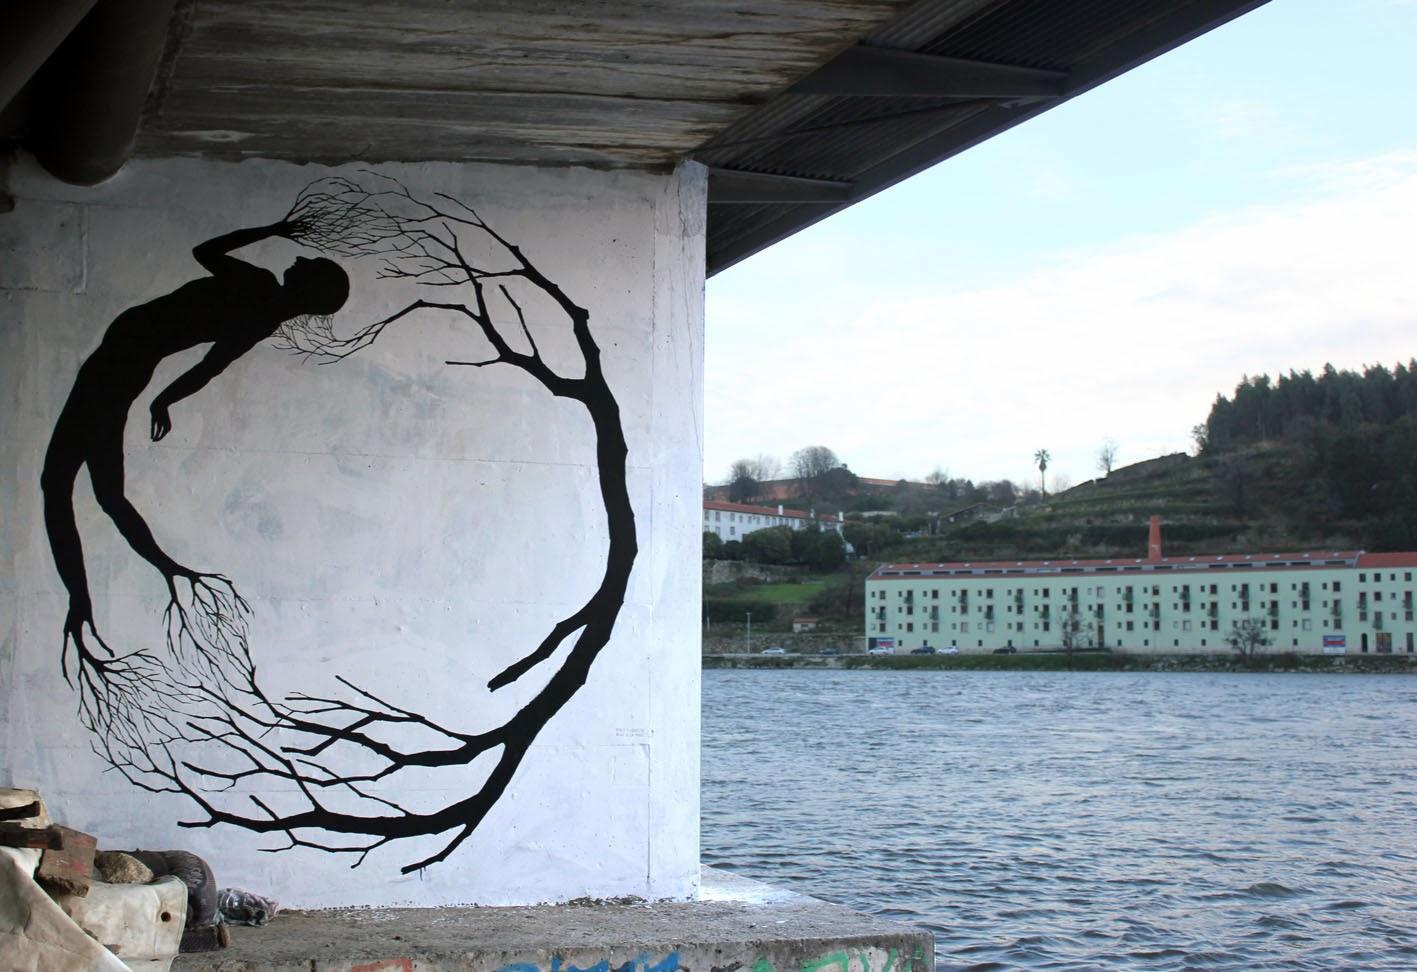 Street Art Collaboration By David De La Mano and Pablo S. Herrero In Porto, Portugal. 1